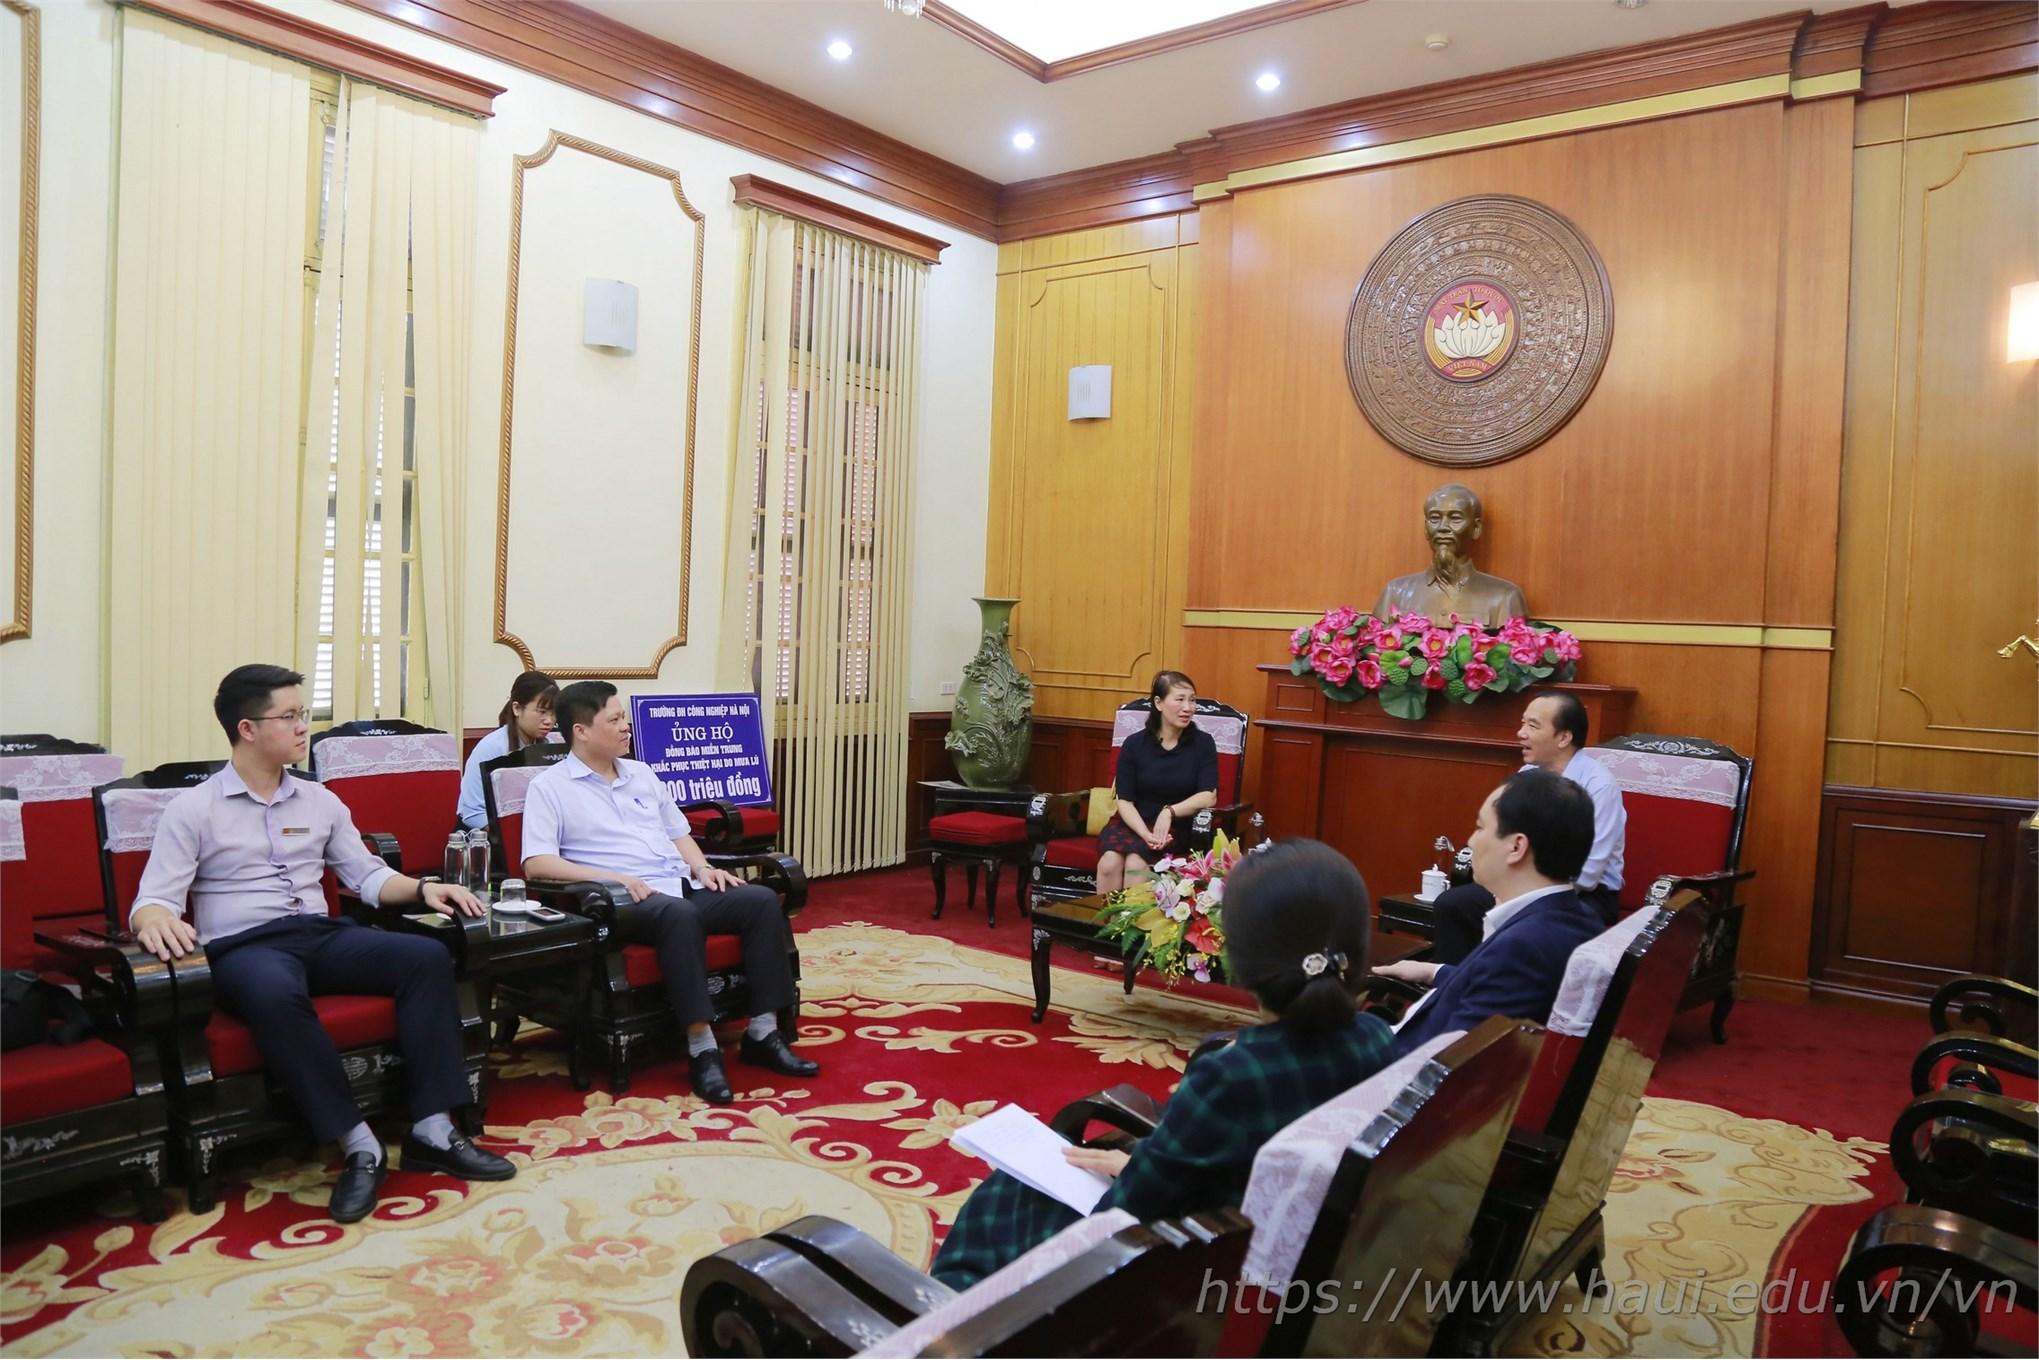 Đại học Công nghiệp Hà Nội ủng hộ 200 triệu cho đồng bào miền Trung khắc phục thiệt hại do mưa lũ